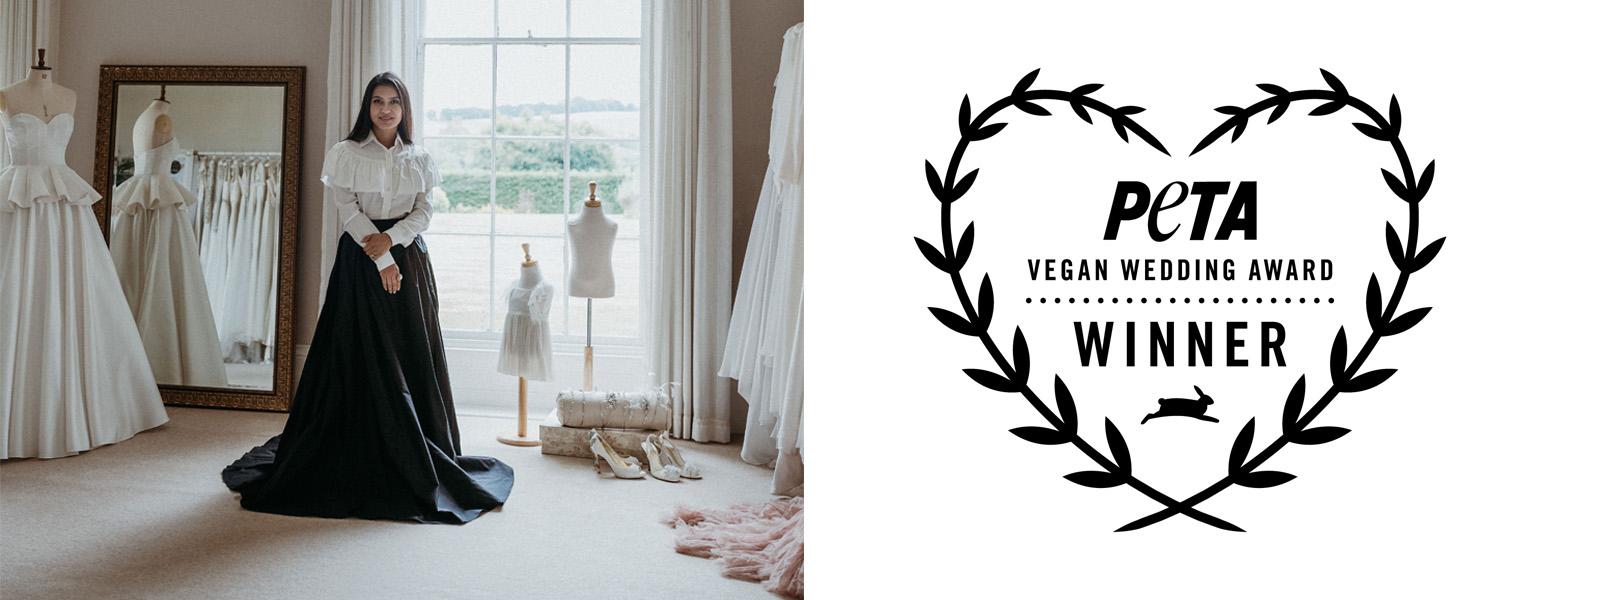 SANYUKTA SHRESTHA – Winner of LUXURY AWARD, PETA VEGAN WEDDING AWARD 2021